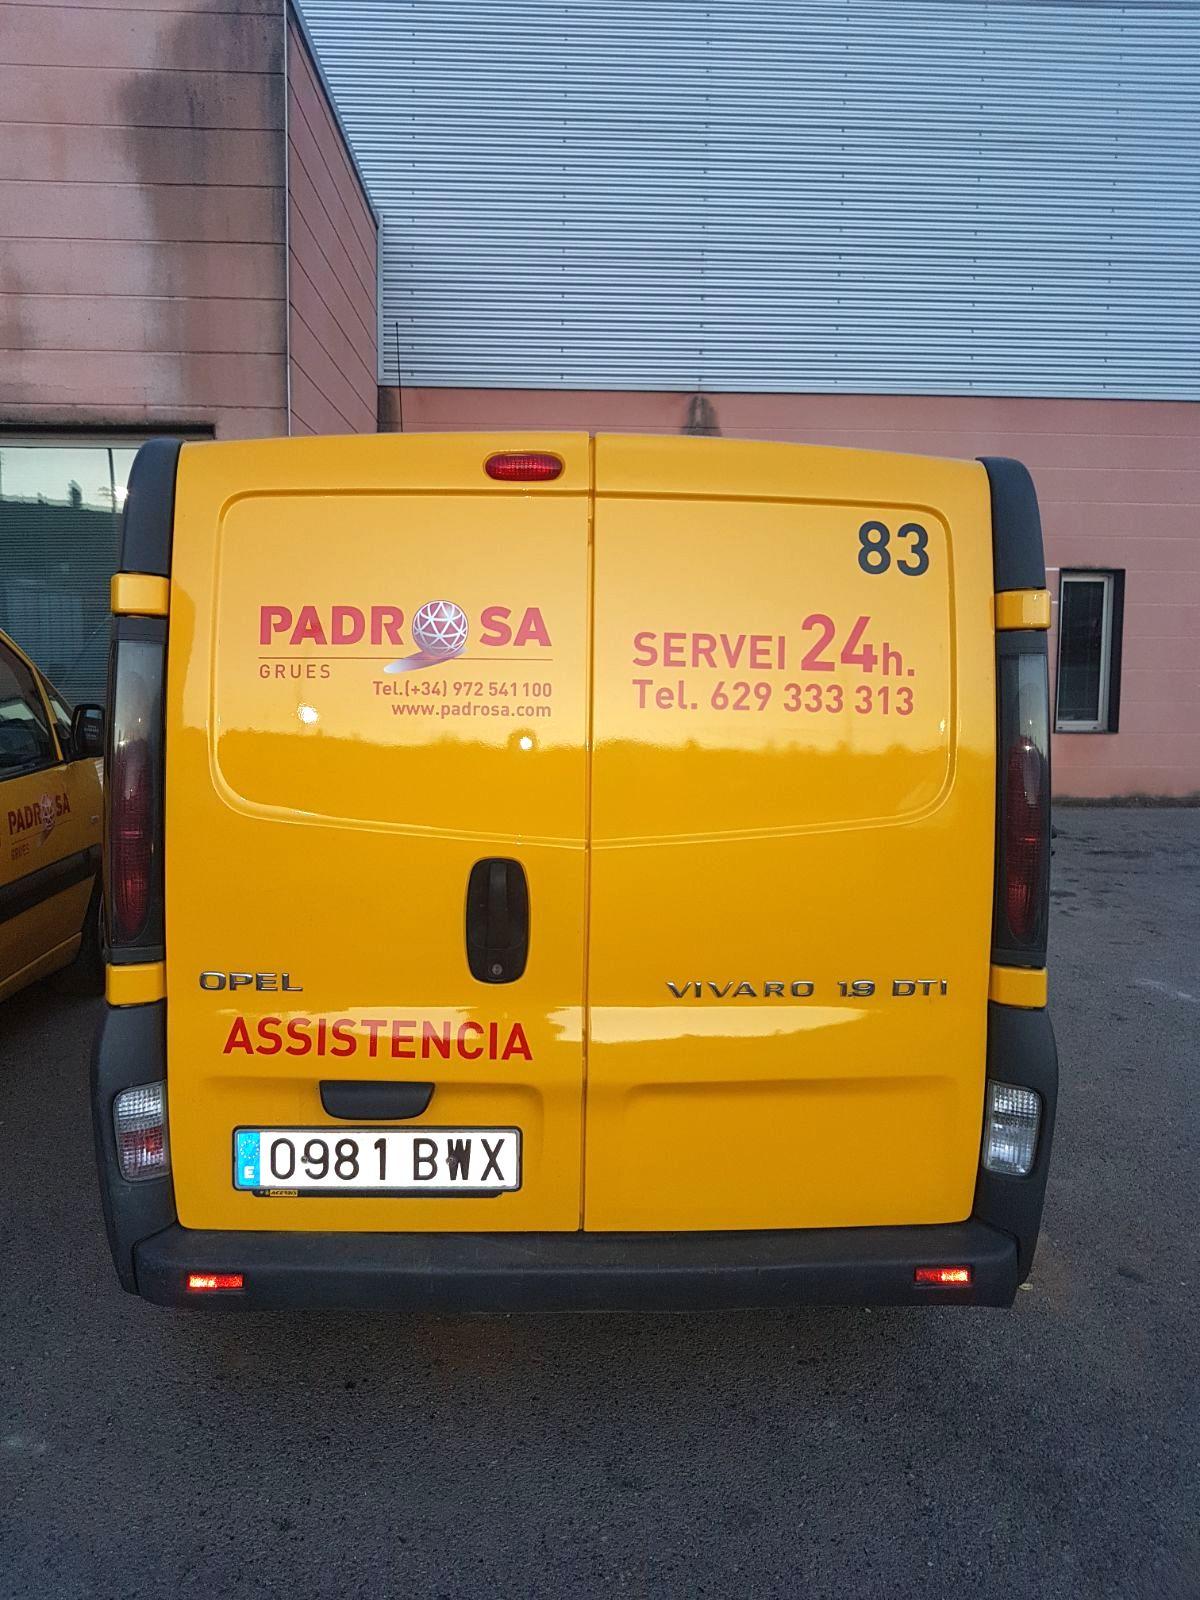 PADROSA3 - Retolació vehicles